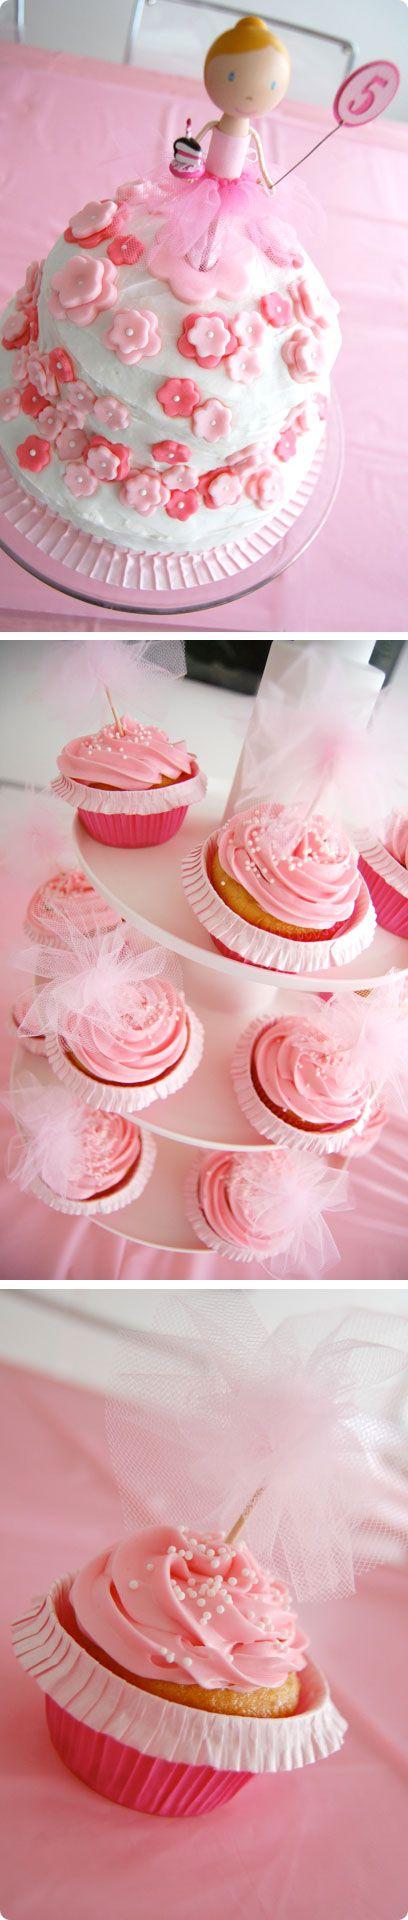 παρτυ για κοριτσια-μικρες μπαλαρινες-Γενέθλια